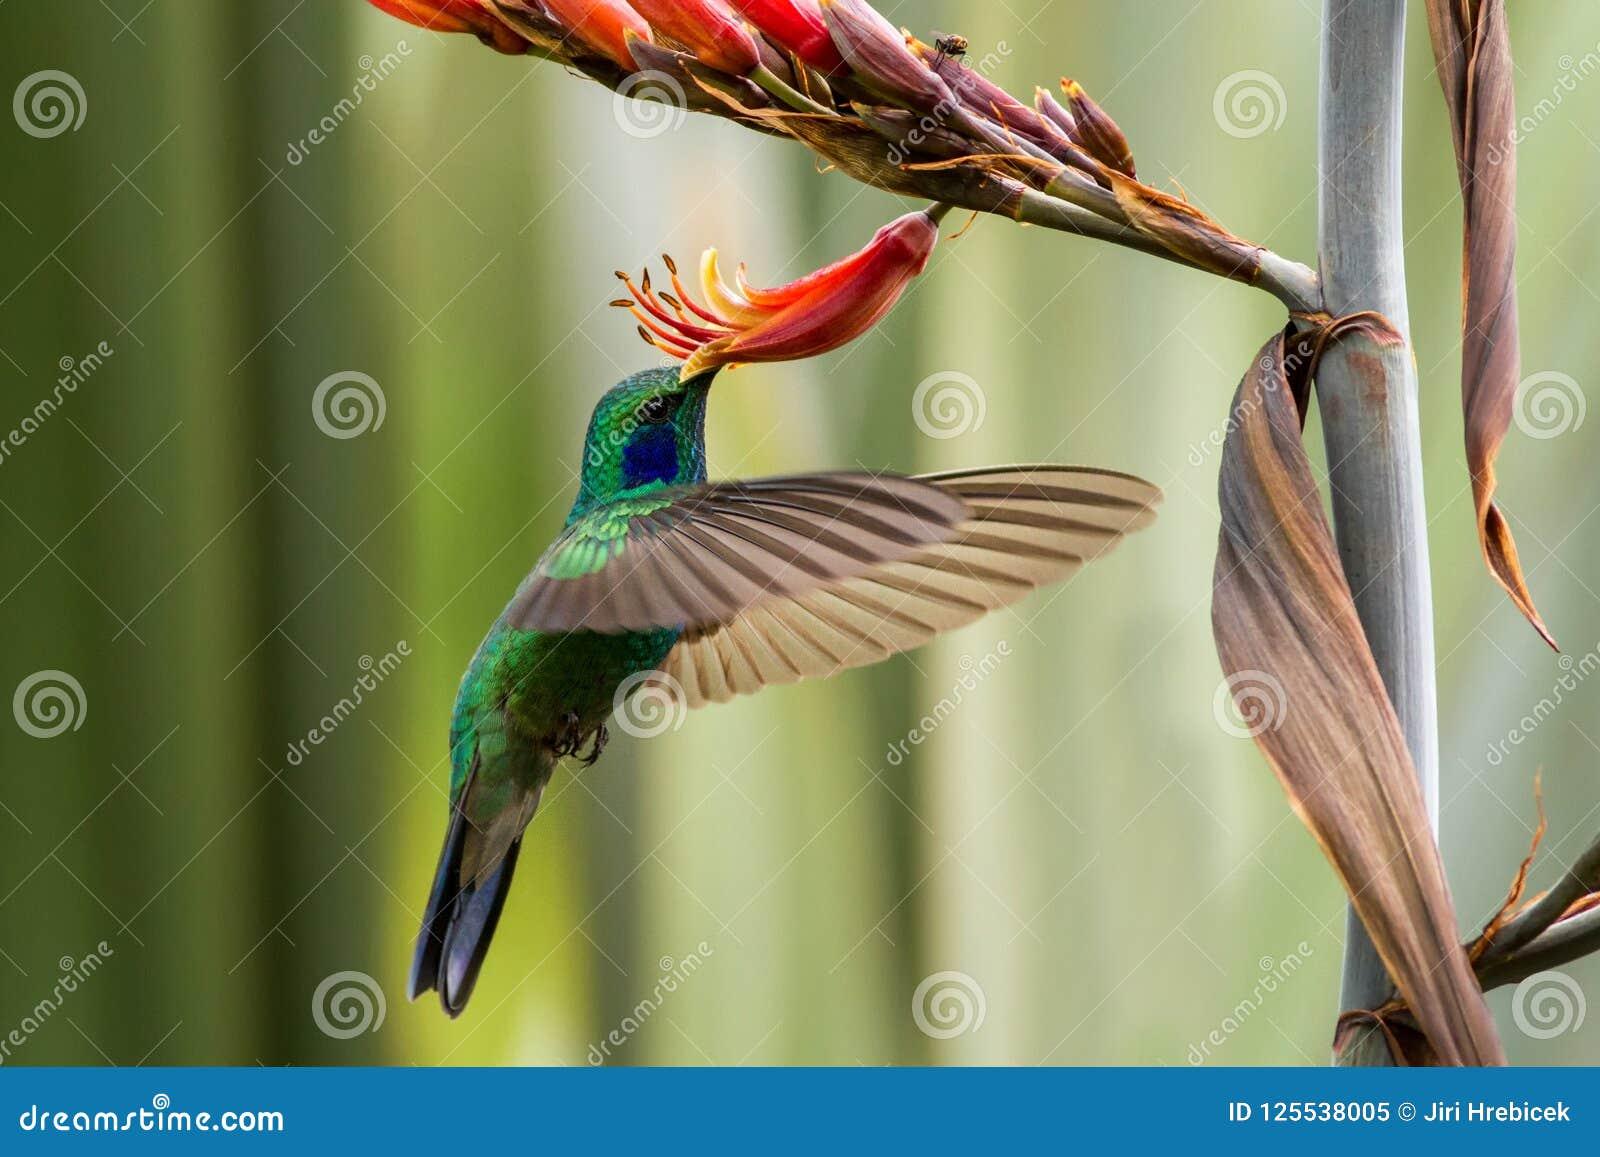 Violeta-oído verde que asoma al lado de la flor roja y amarilla, pájaro en vuelo, bosque tropical de la montaña, México, jardín